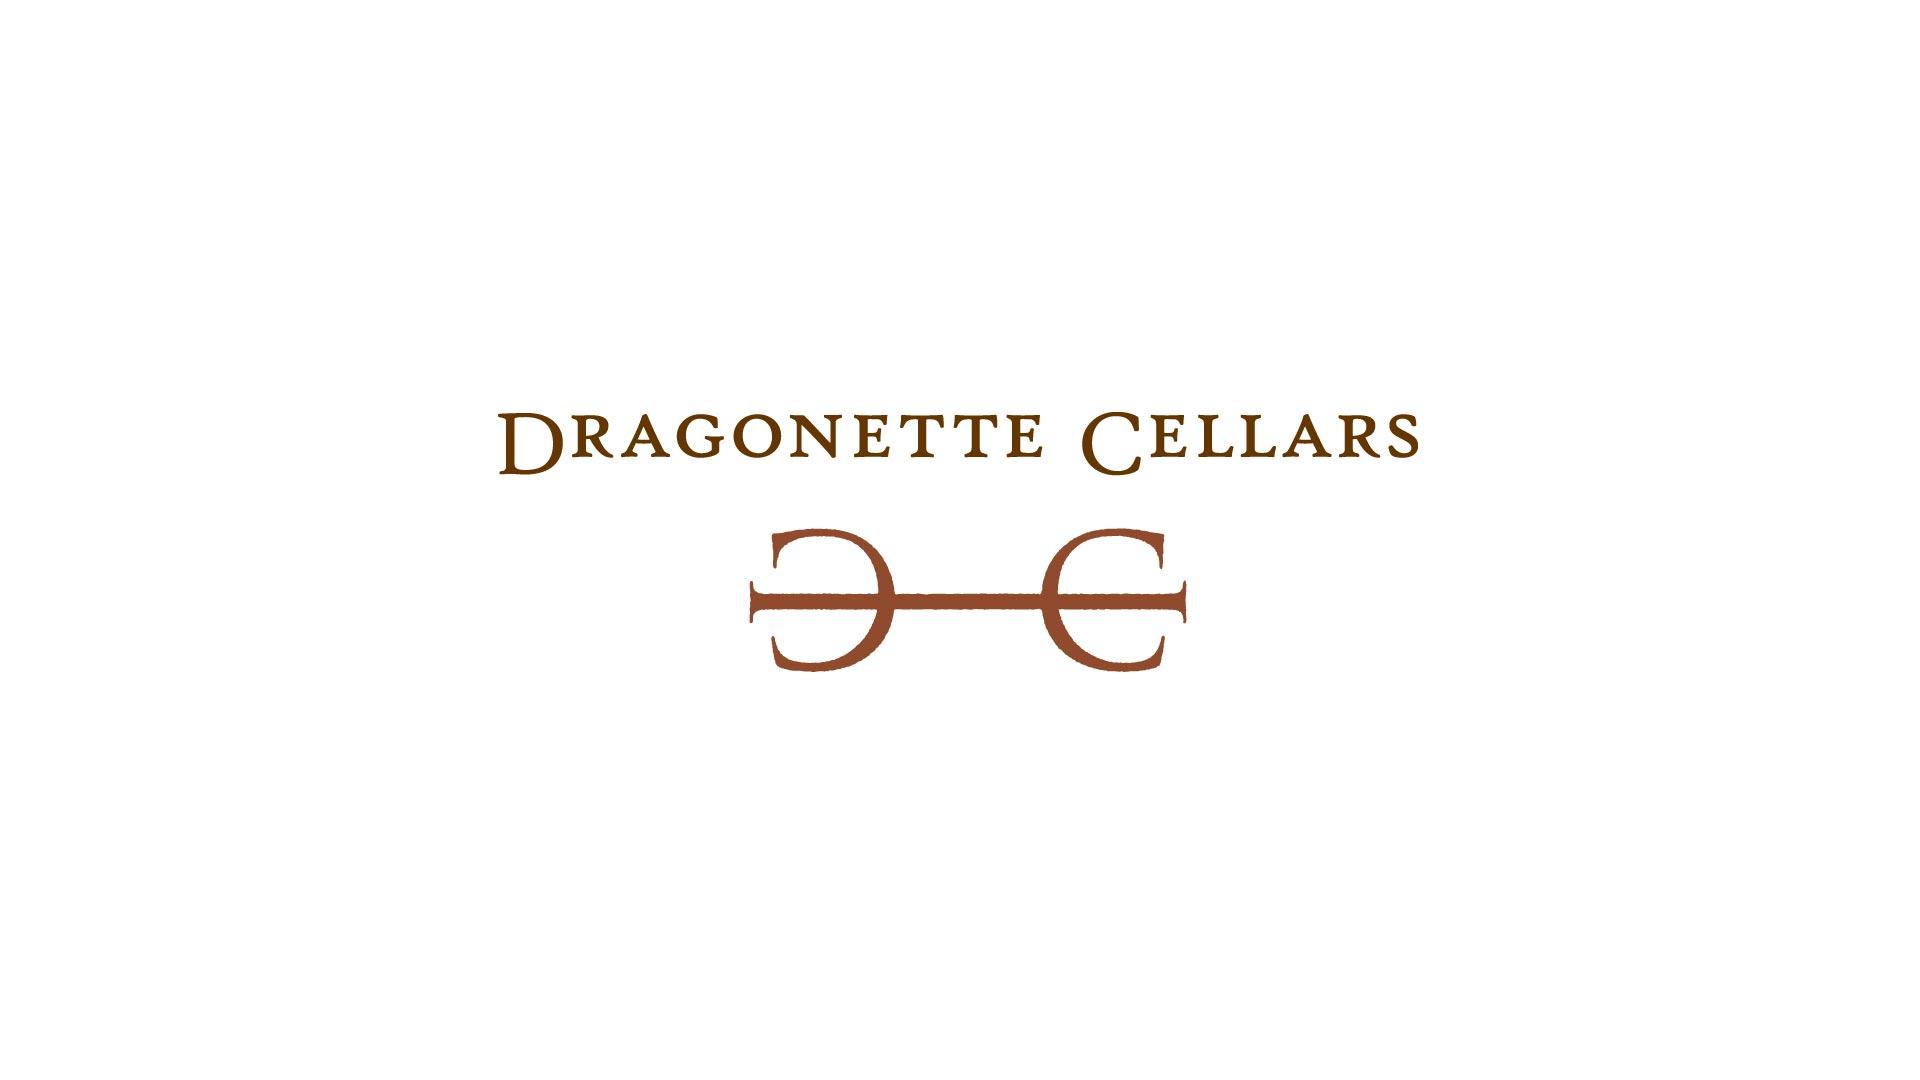 Brand Identity For Dragonette Cellars Vin Fine Brand